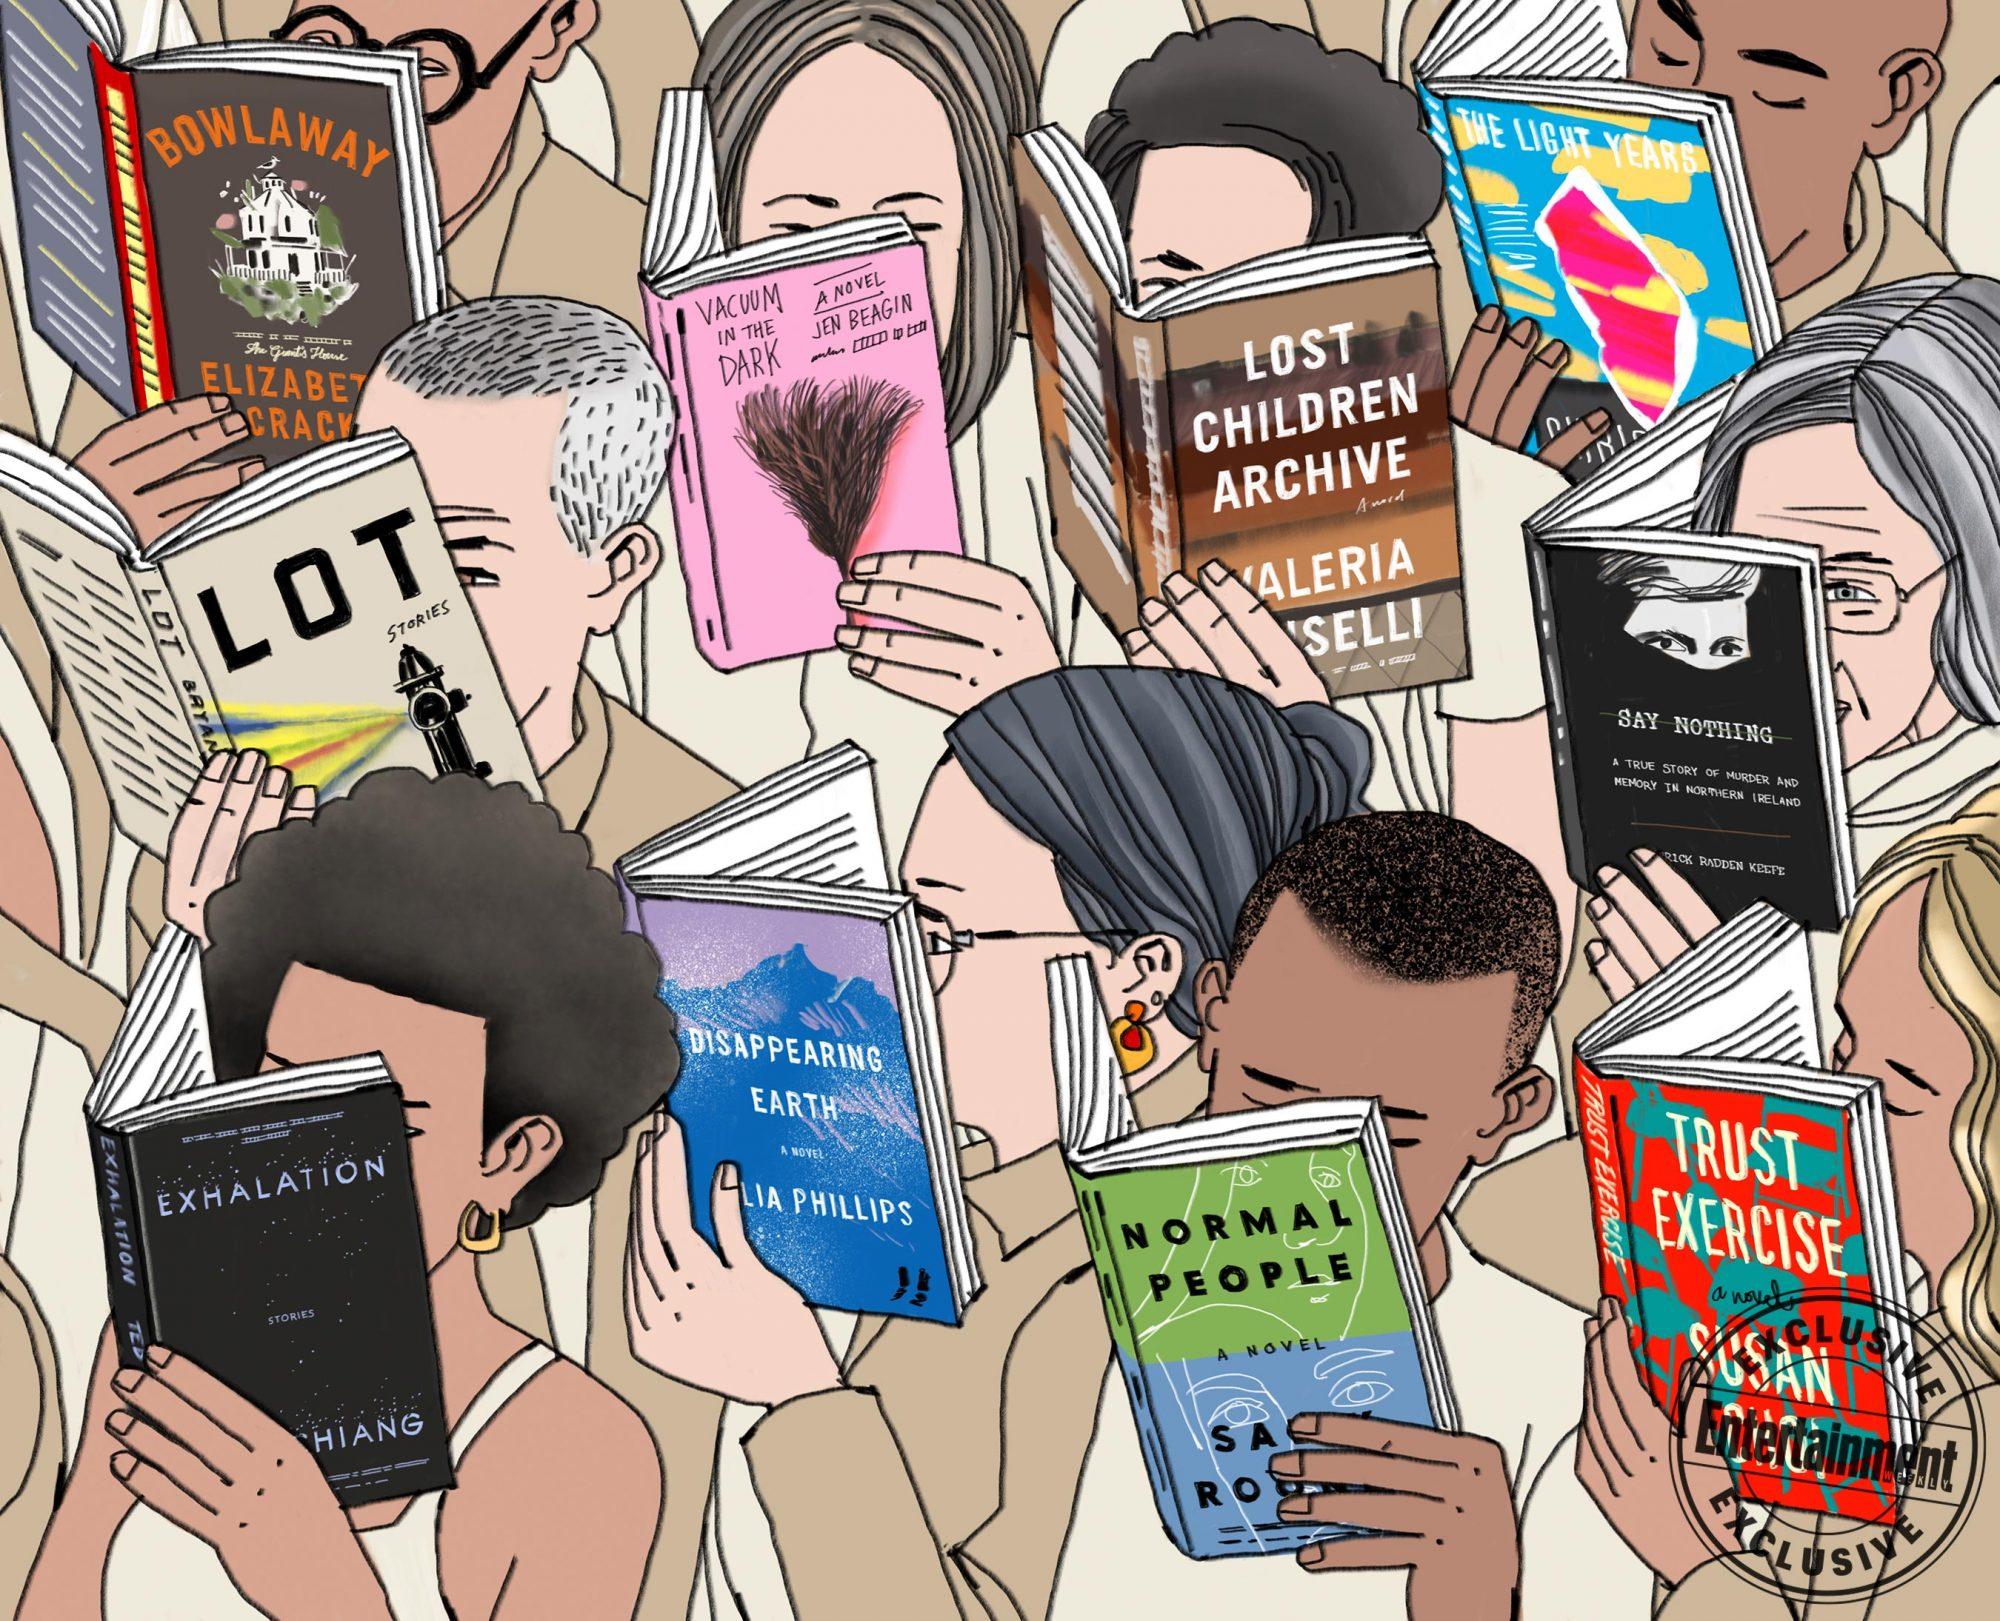 ew_books2019_fnl